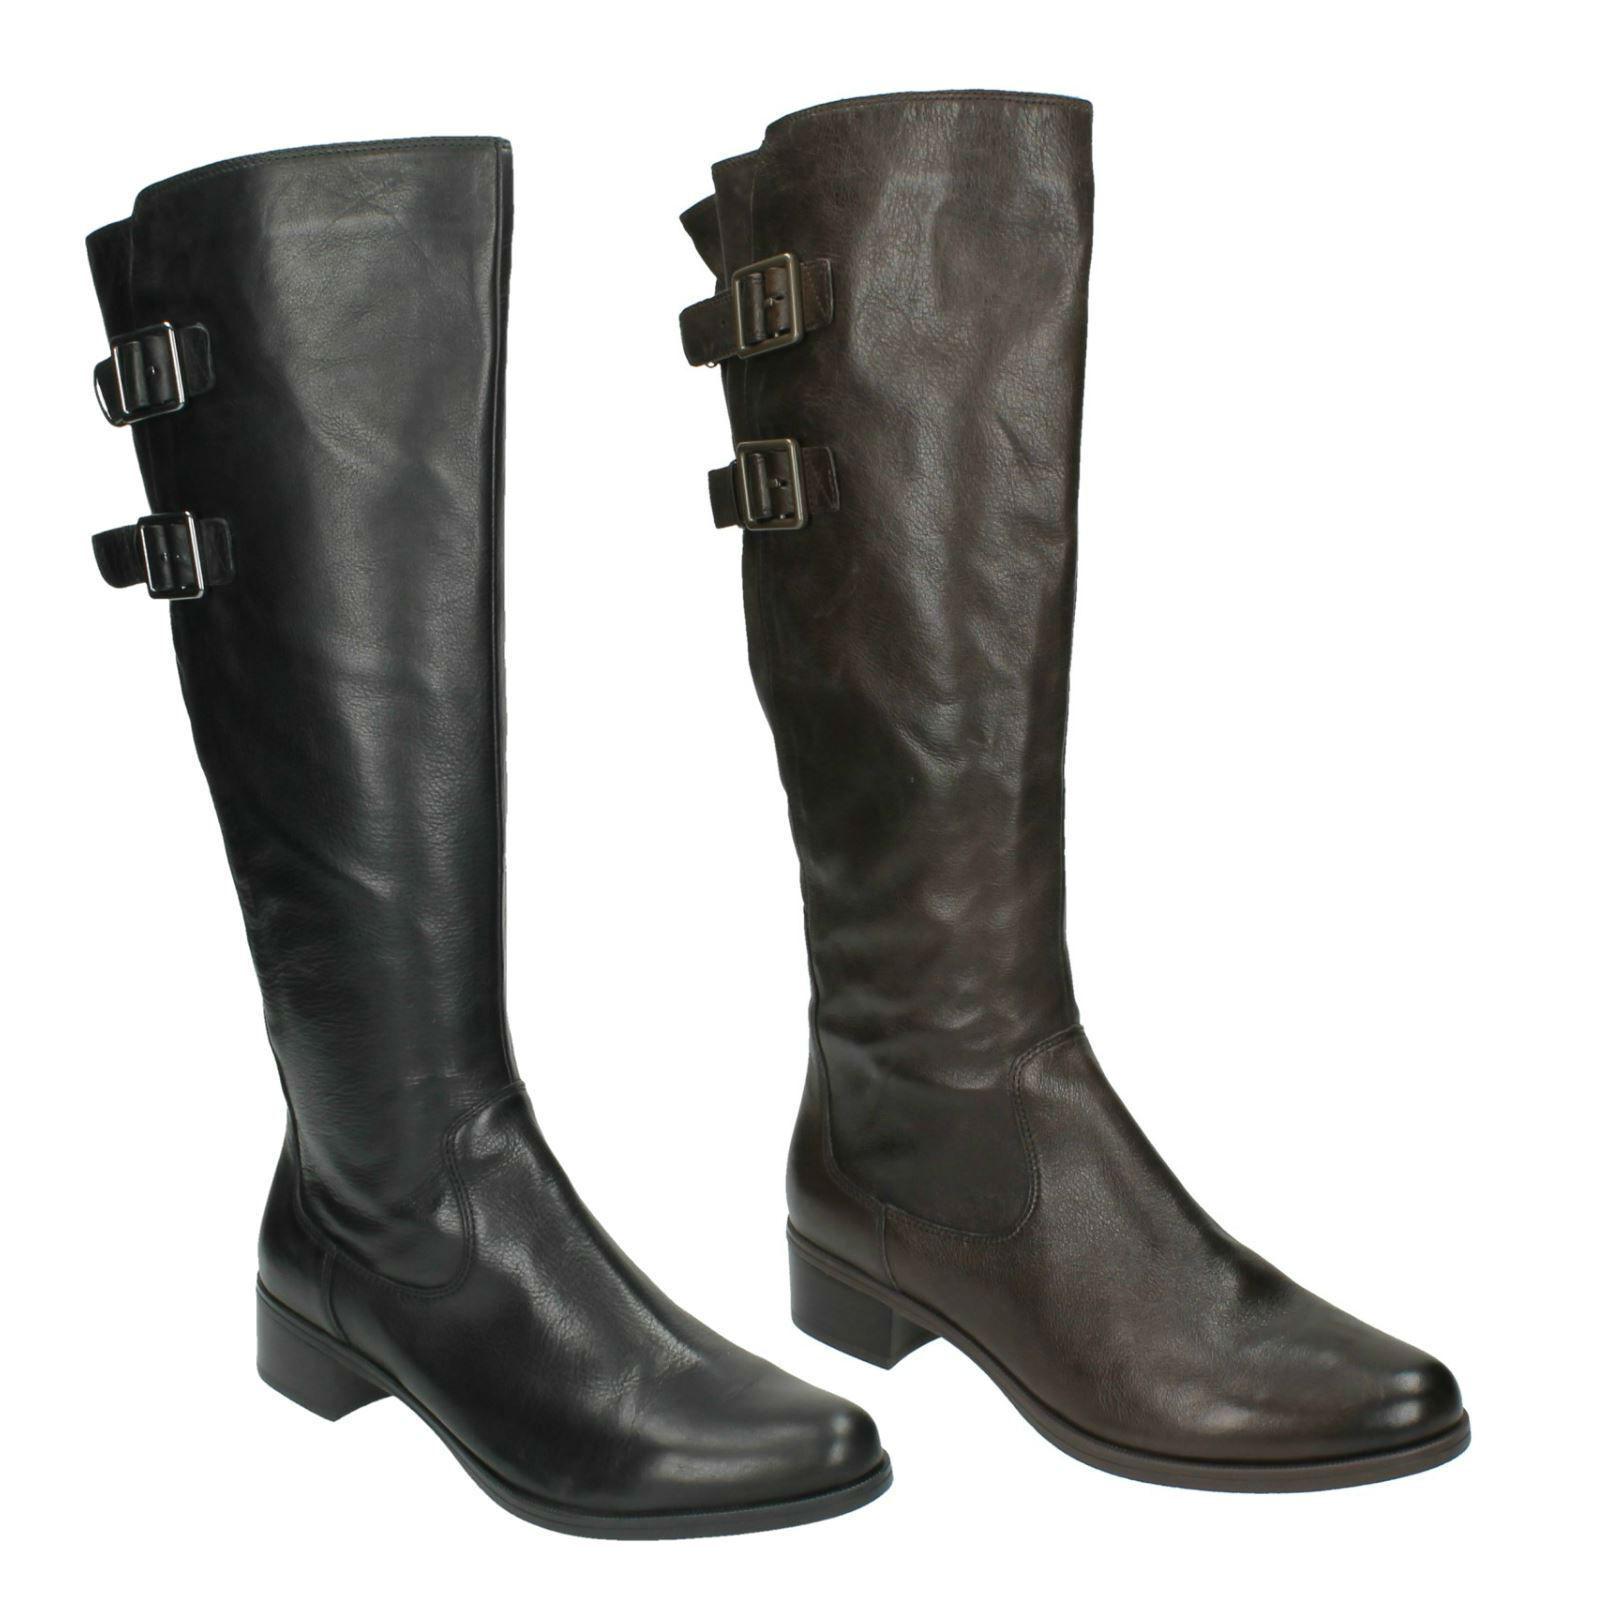 Sympathique me femmes clarks en cuir fermeture éclair boucle bottes bottes bottes cavalières hautes | En Ligne  9a4a0e